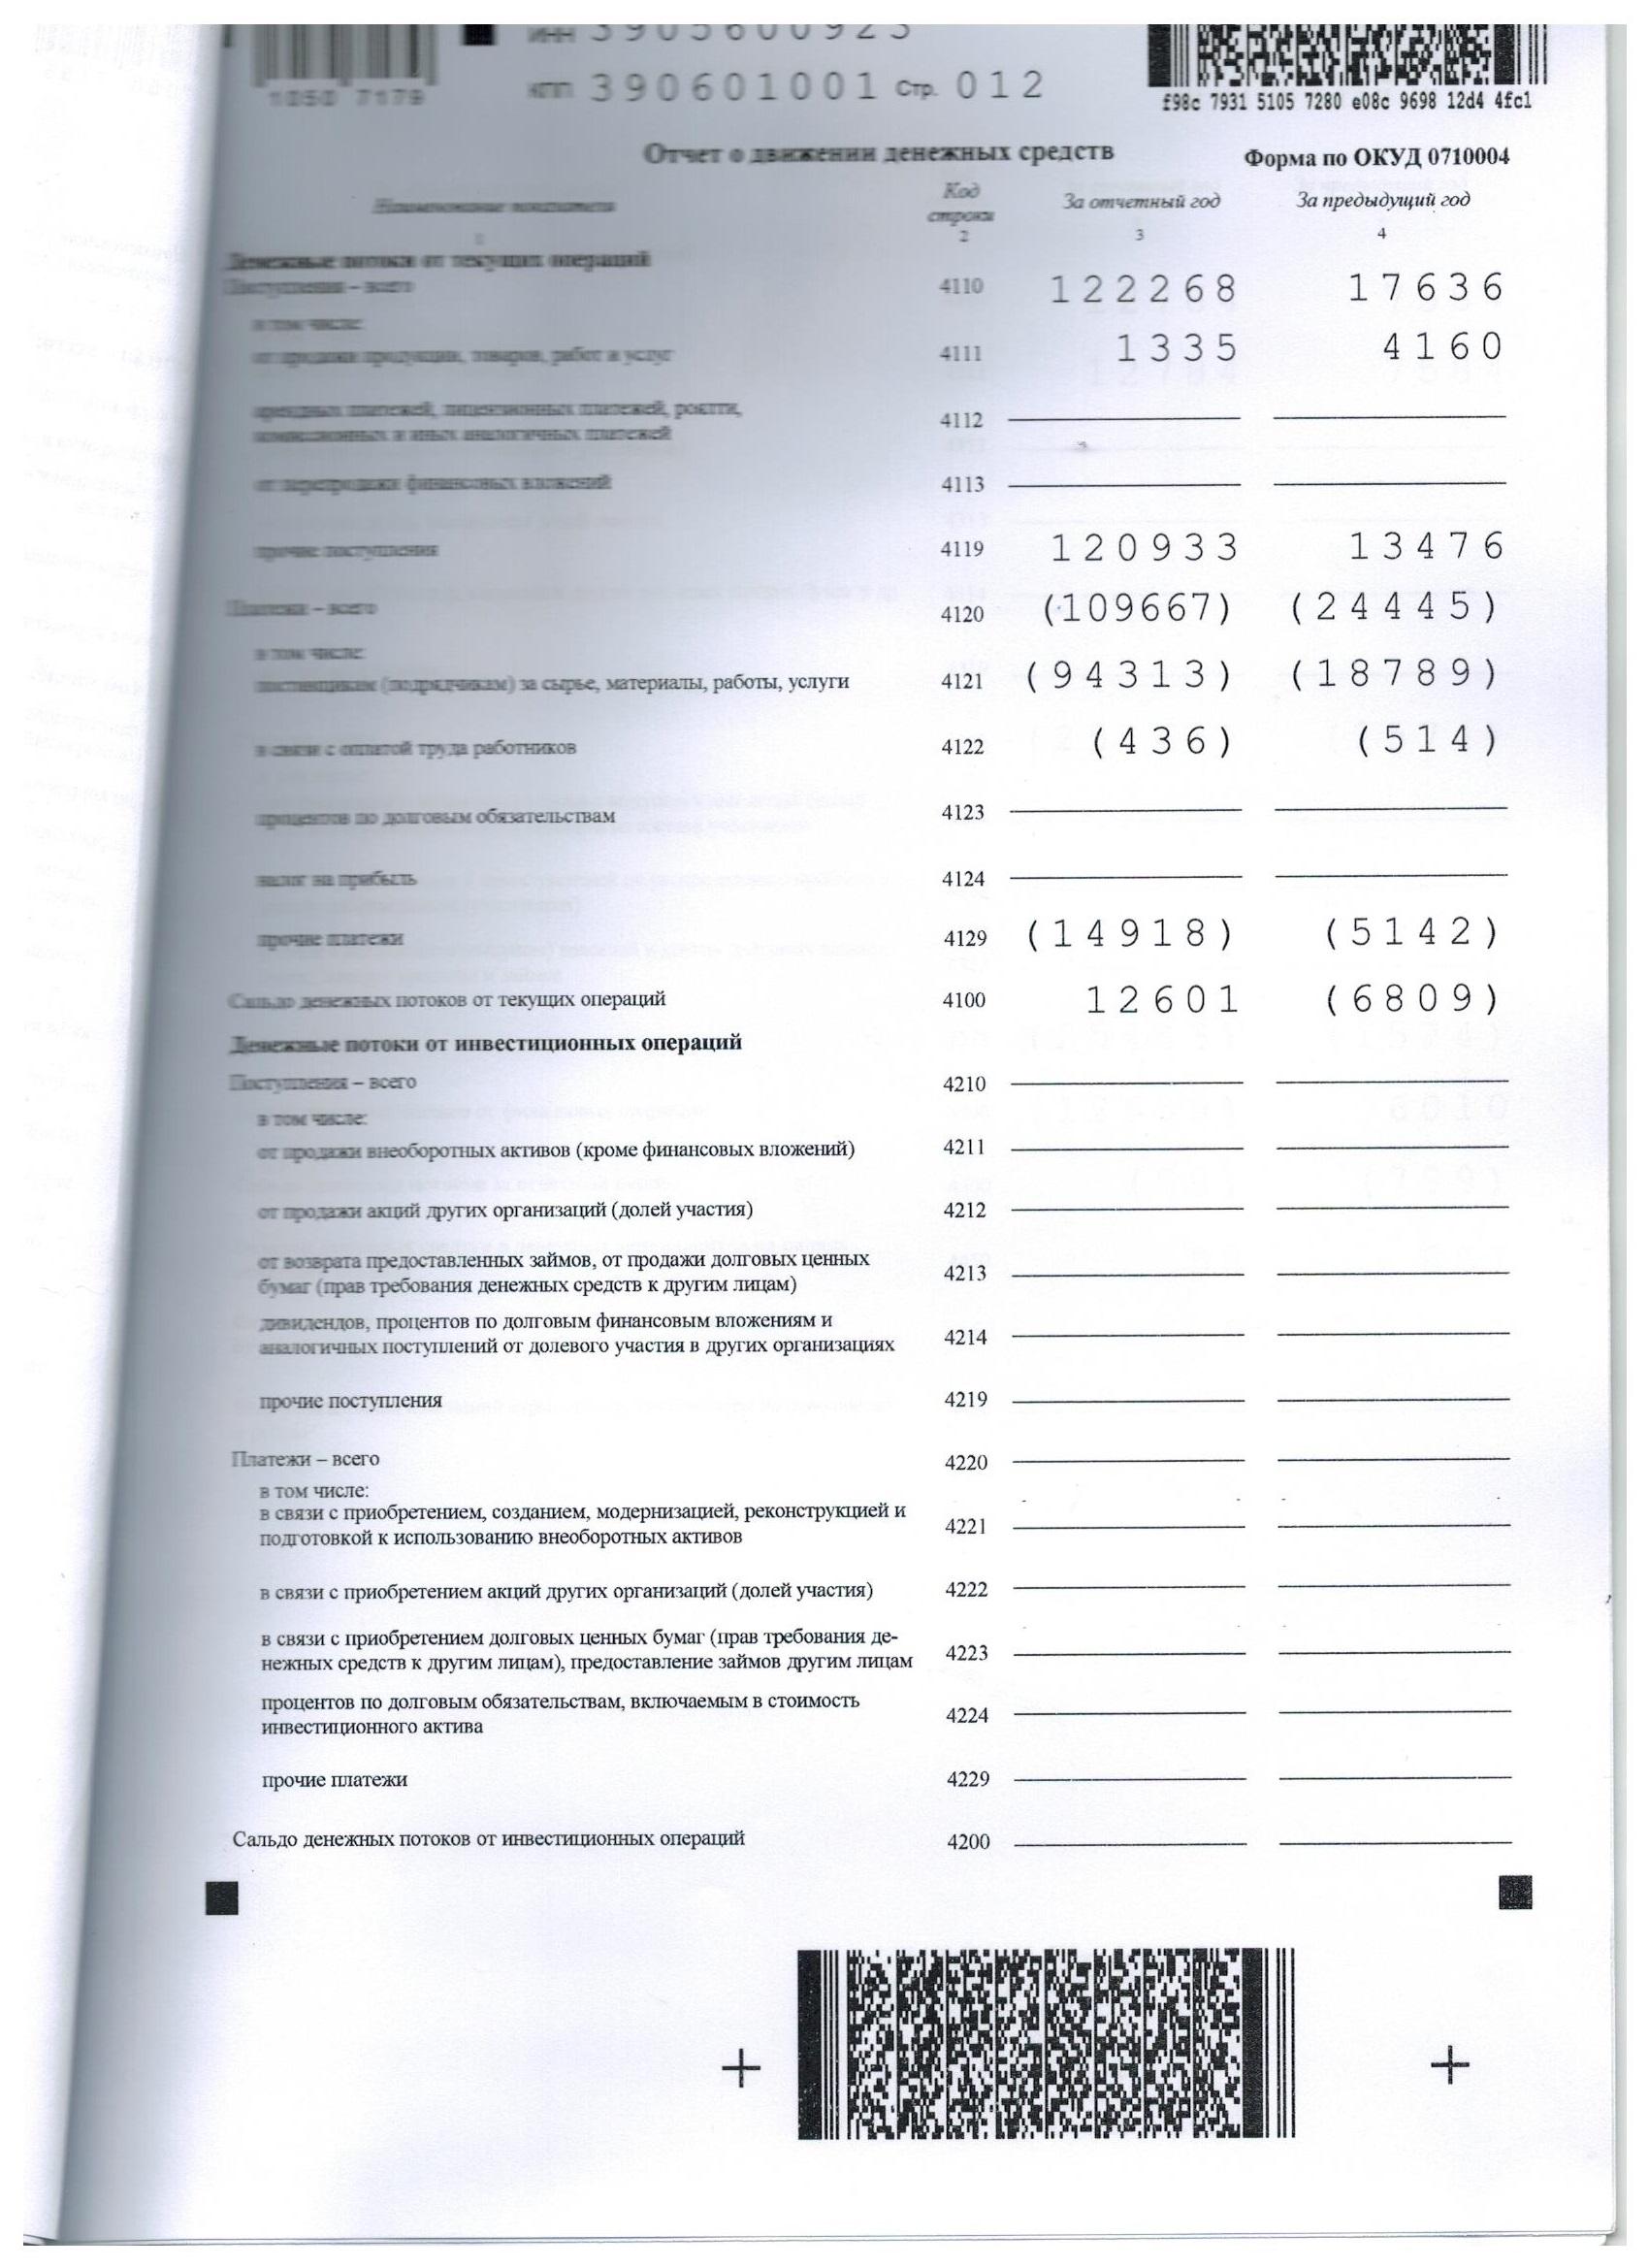 Отчет о движении денежных средств ст1